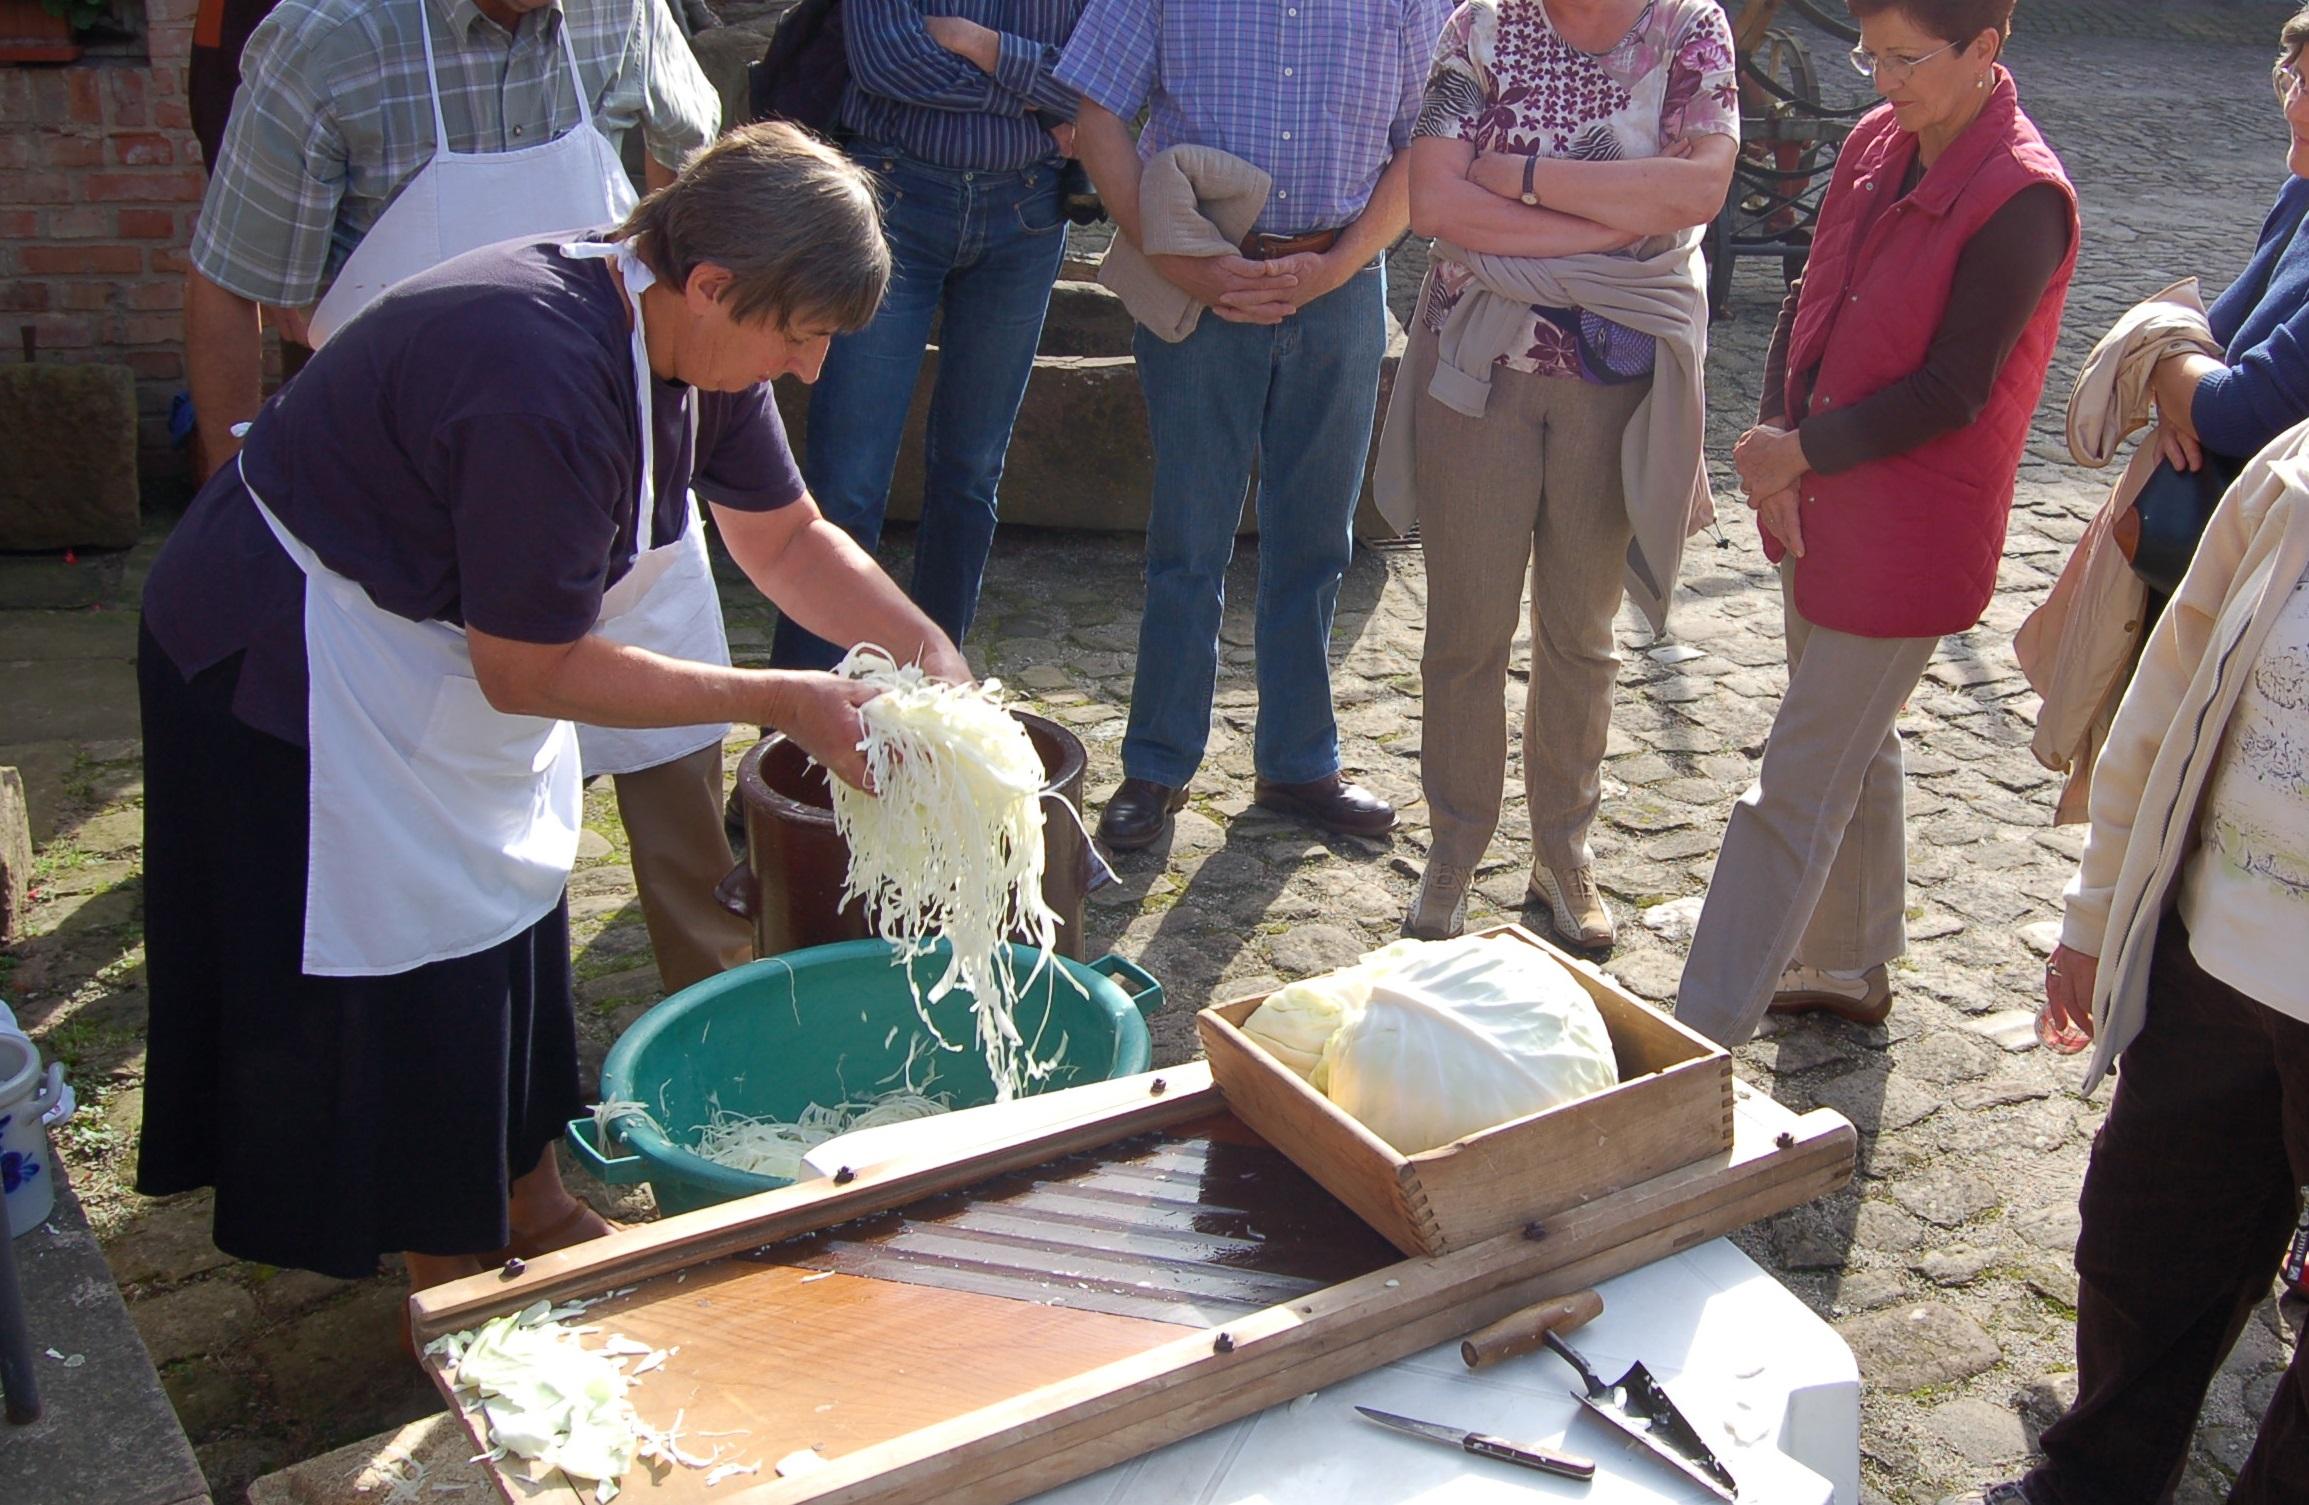 Bénévole de la Maison rurale de l'Outre Forêt, en pleine activité de débitage du chou à choucroute.